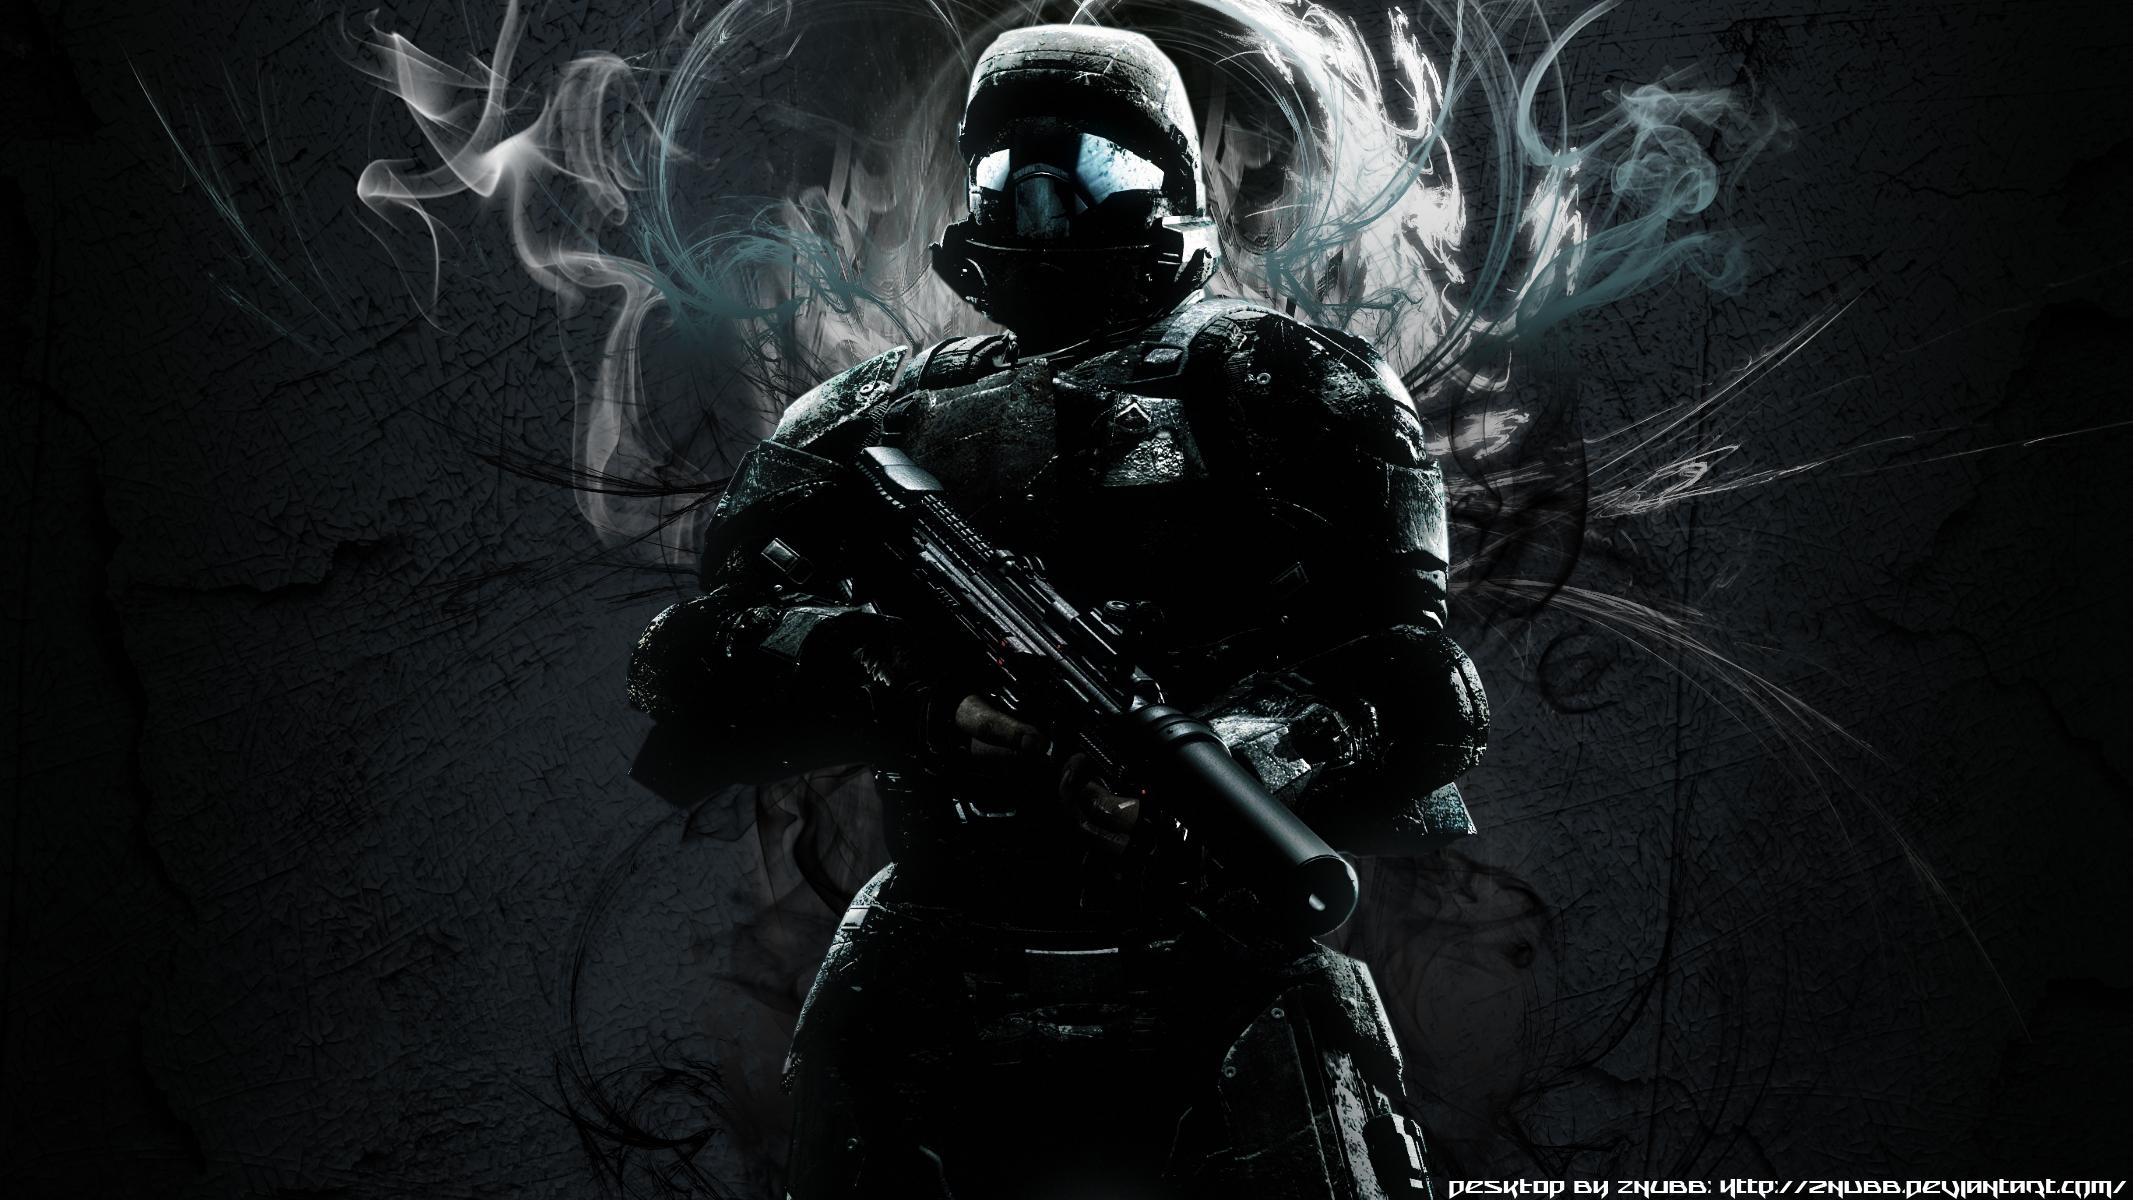 Halo 3 odst wallpaper by znubb on deviantart - Halo odst images ...